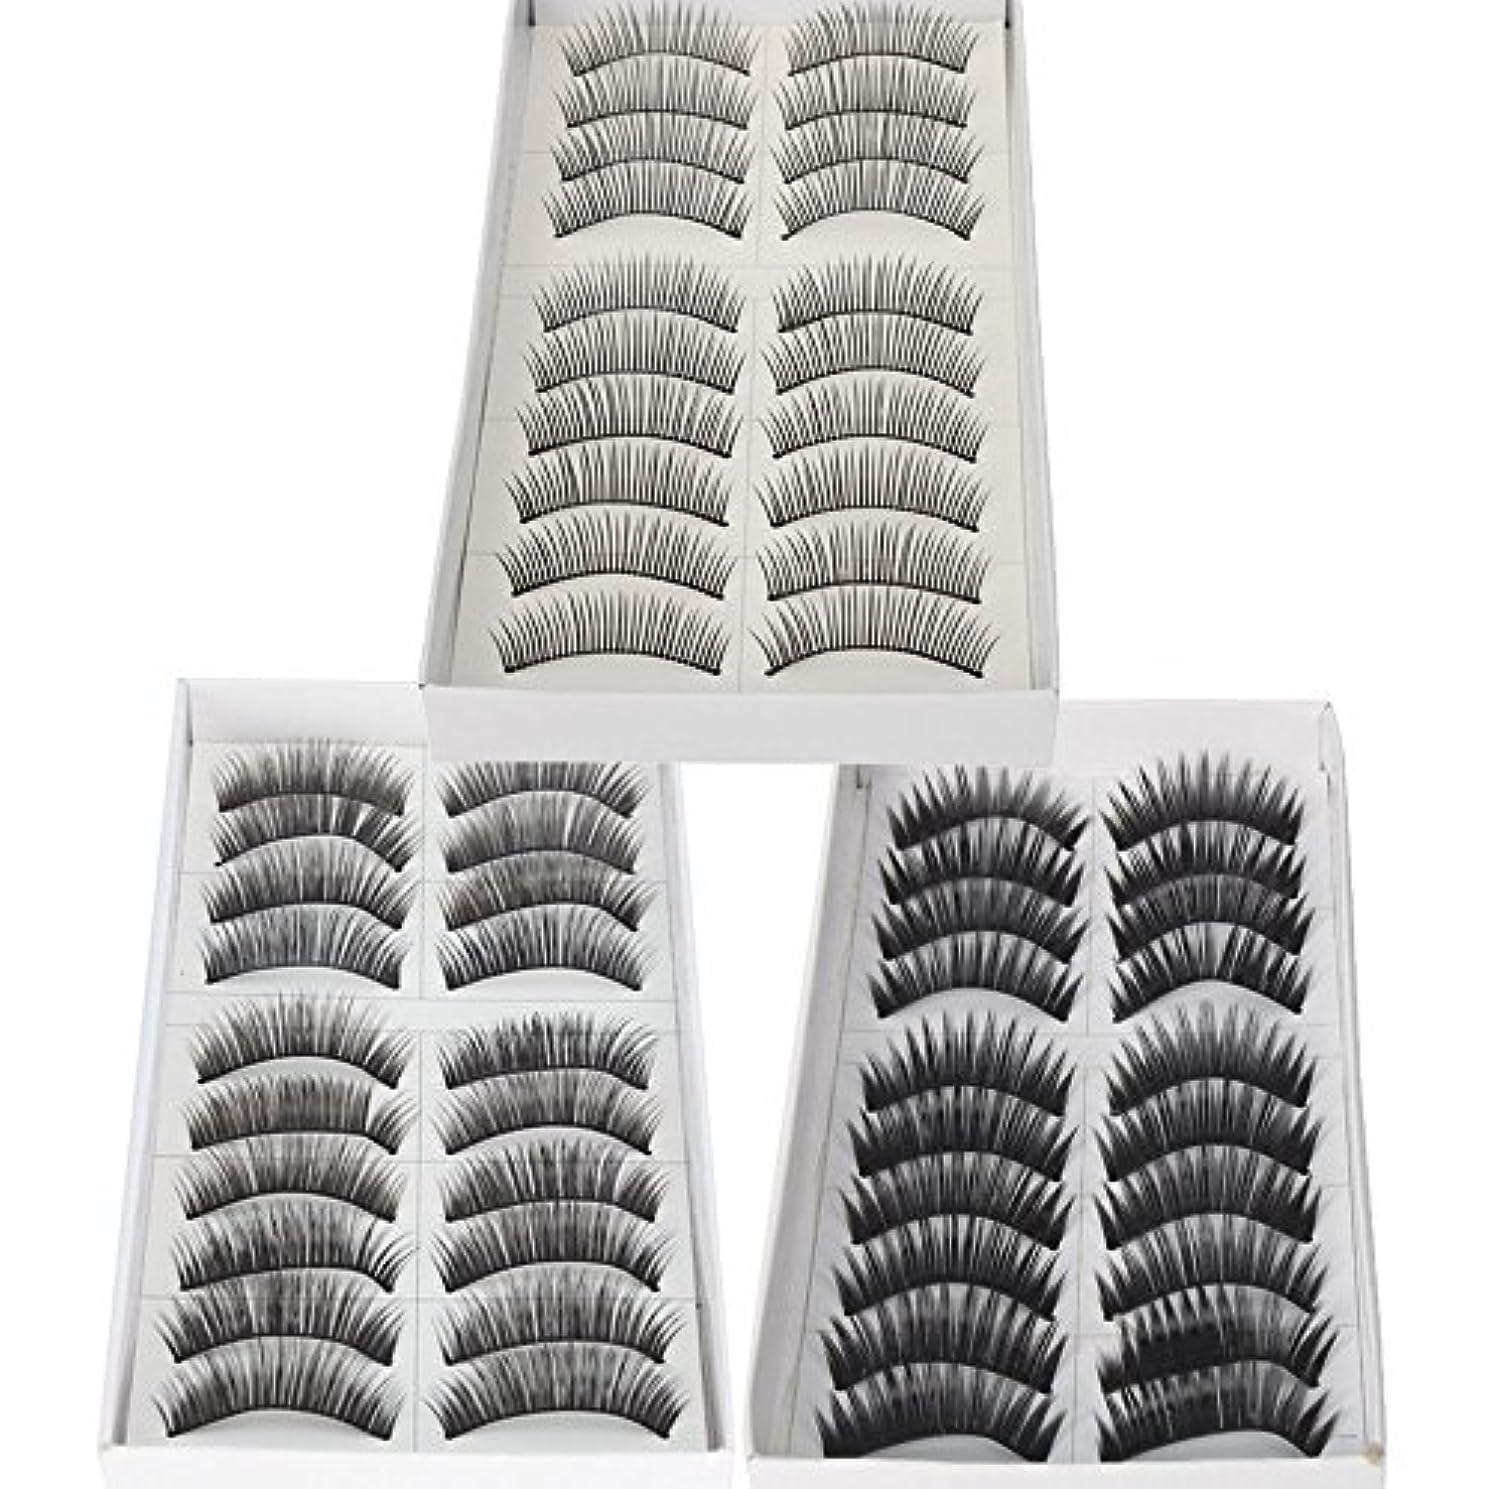 バックアップ農奴針30 Pairs of Natural & Regular Long False Eyelashes Eye Lashes